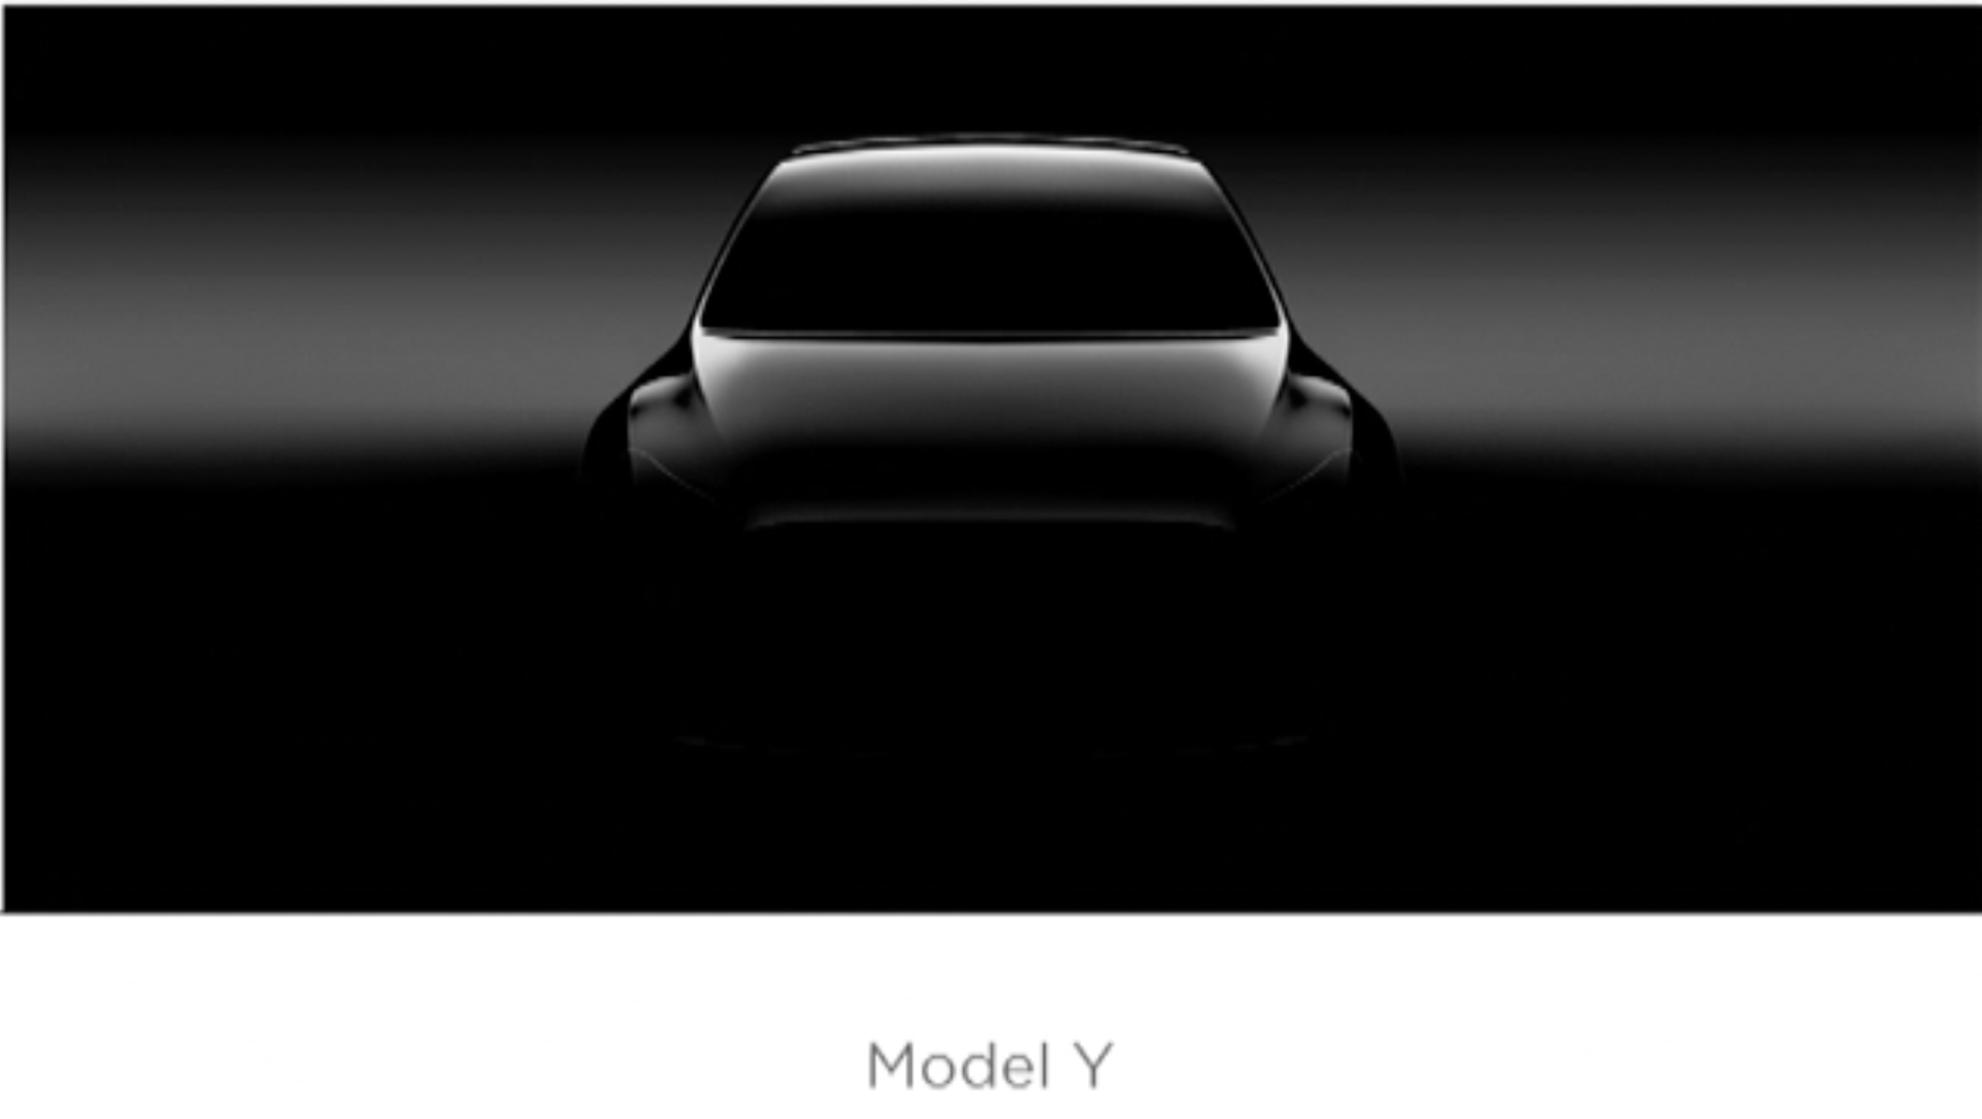 Nejnovější teaser na nový Model Y.